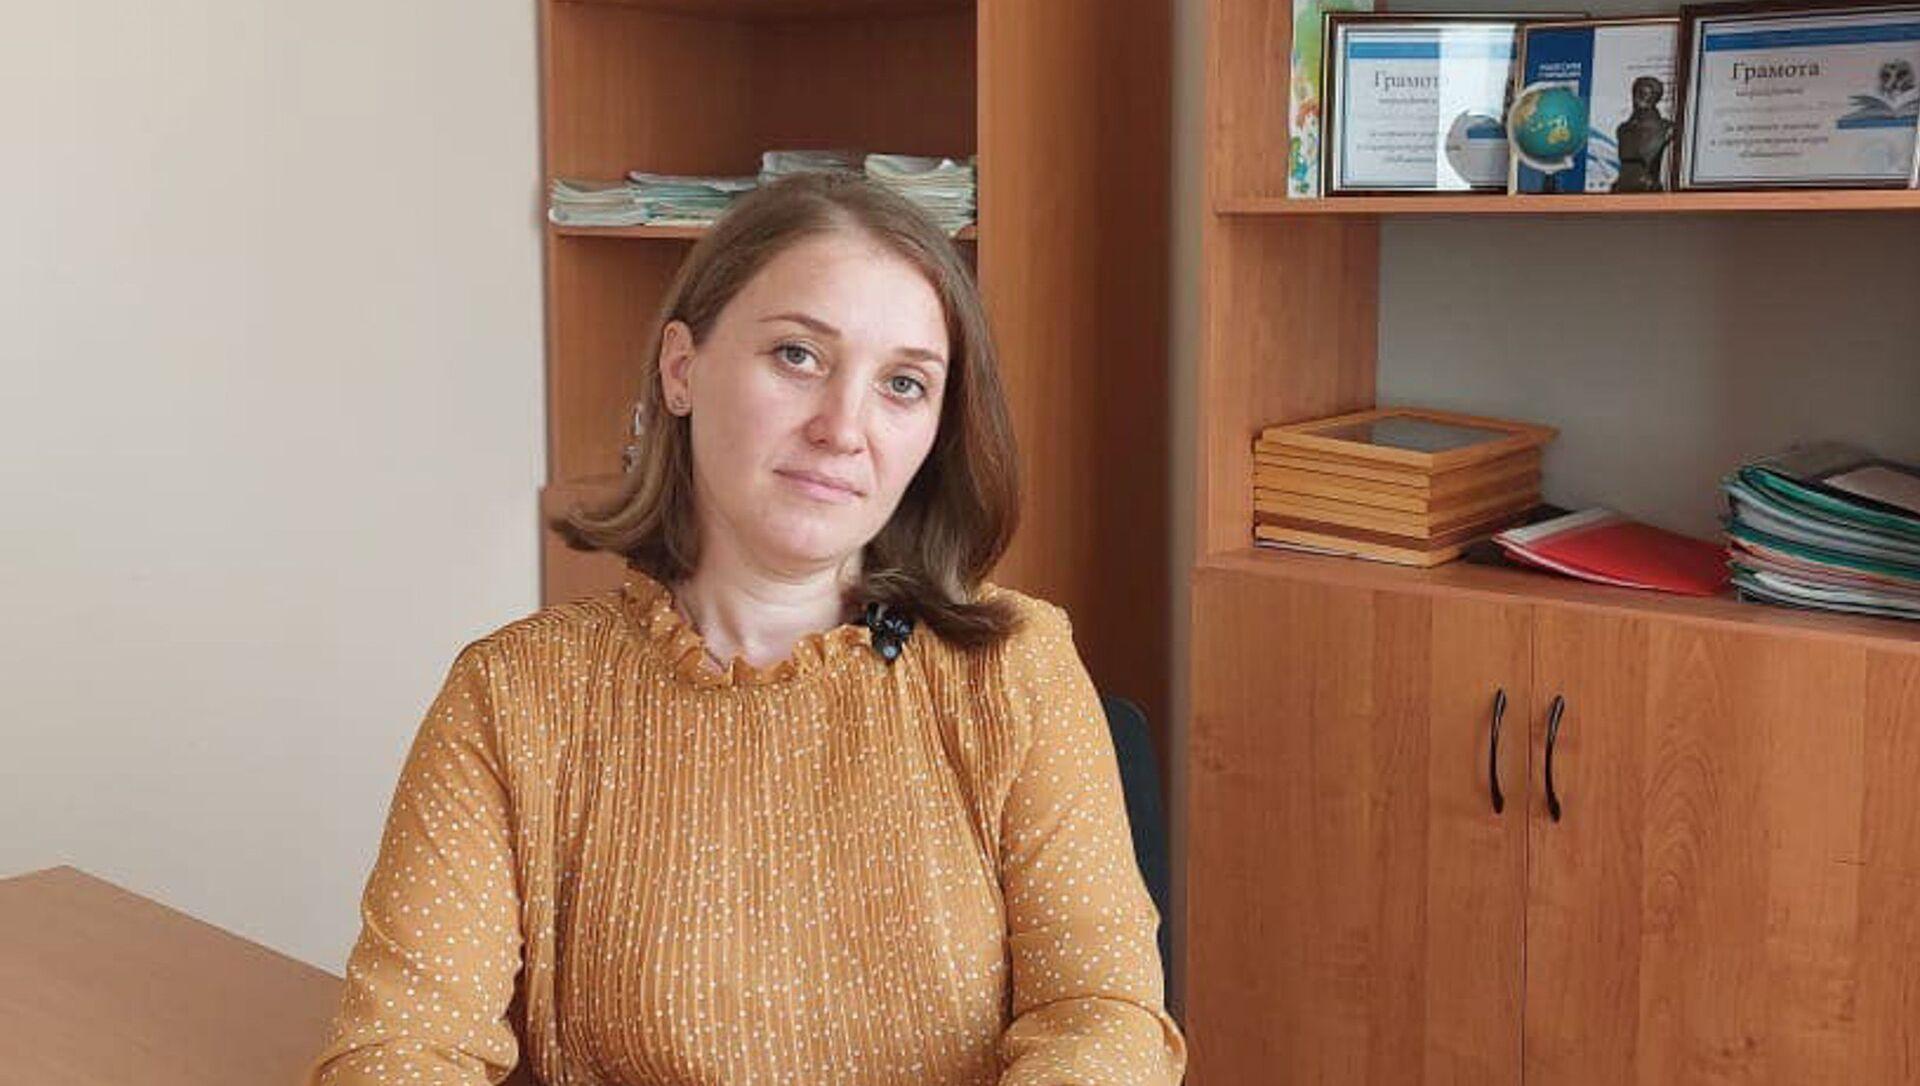 Фатима Шурдулава - Sputnik Абхазия, 1920, 01.09.2021